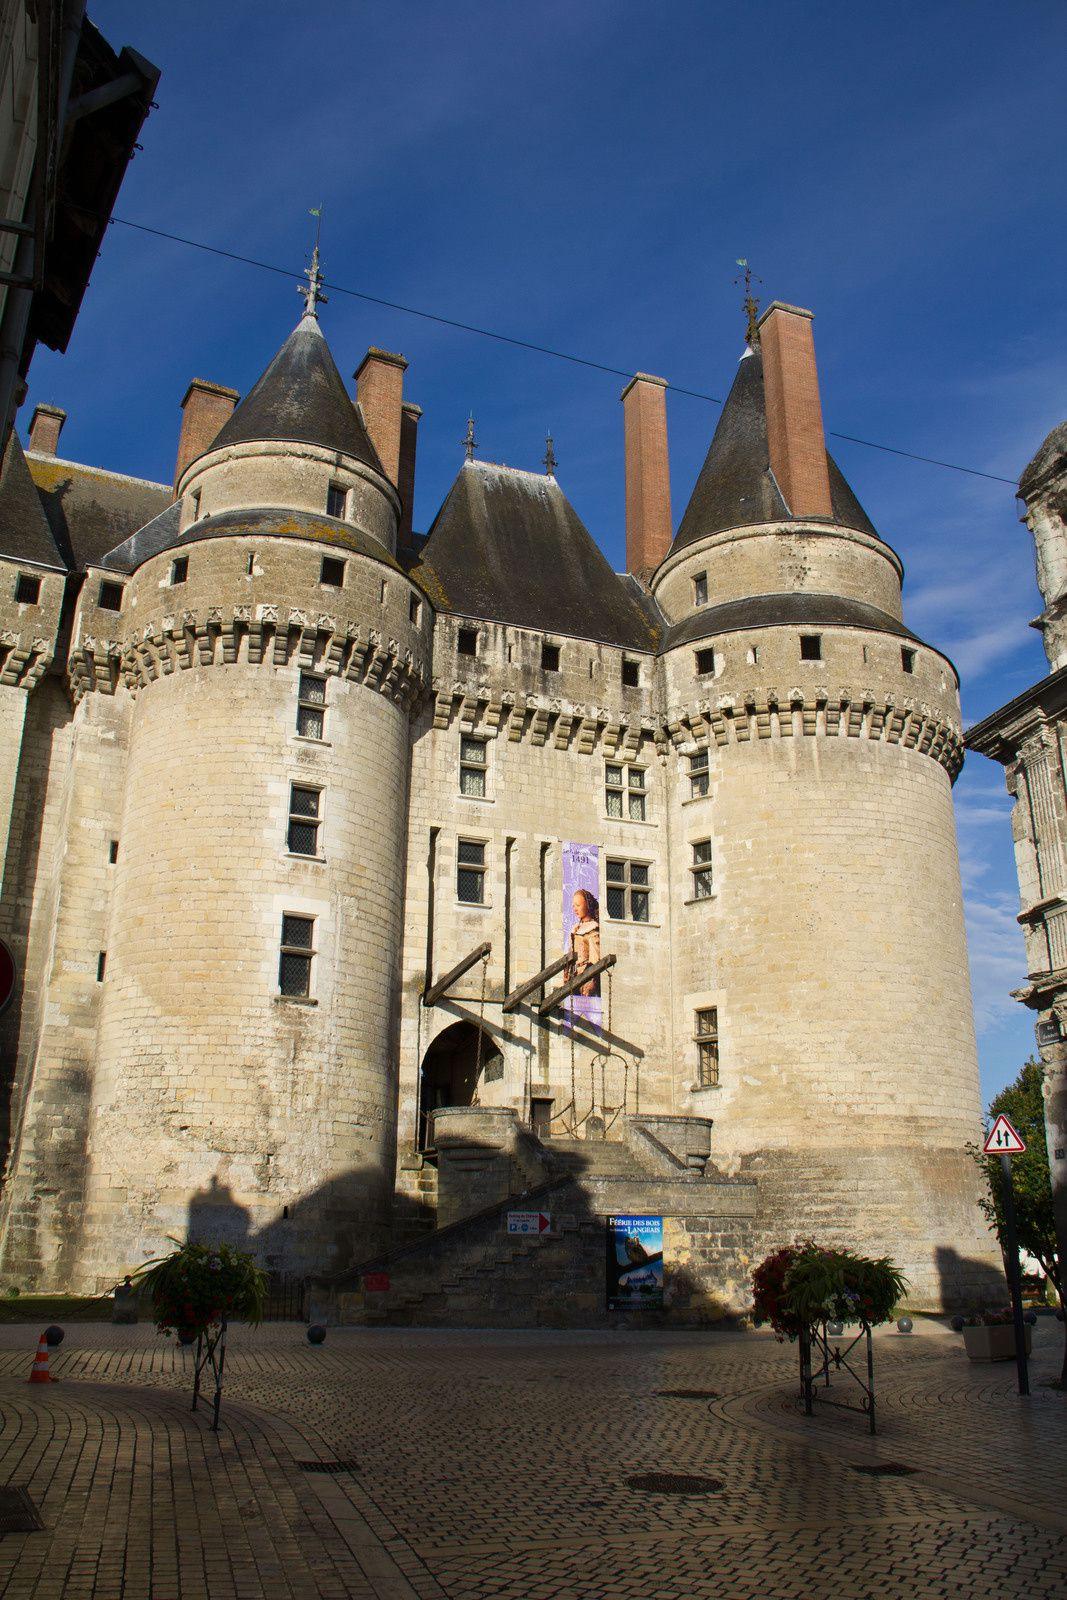 Château de Langeais, Charles VIII et Anne de Bretagne s'y marièrent - Date de visite : septembre 2012